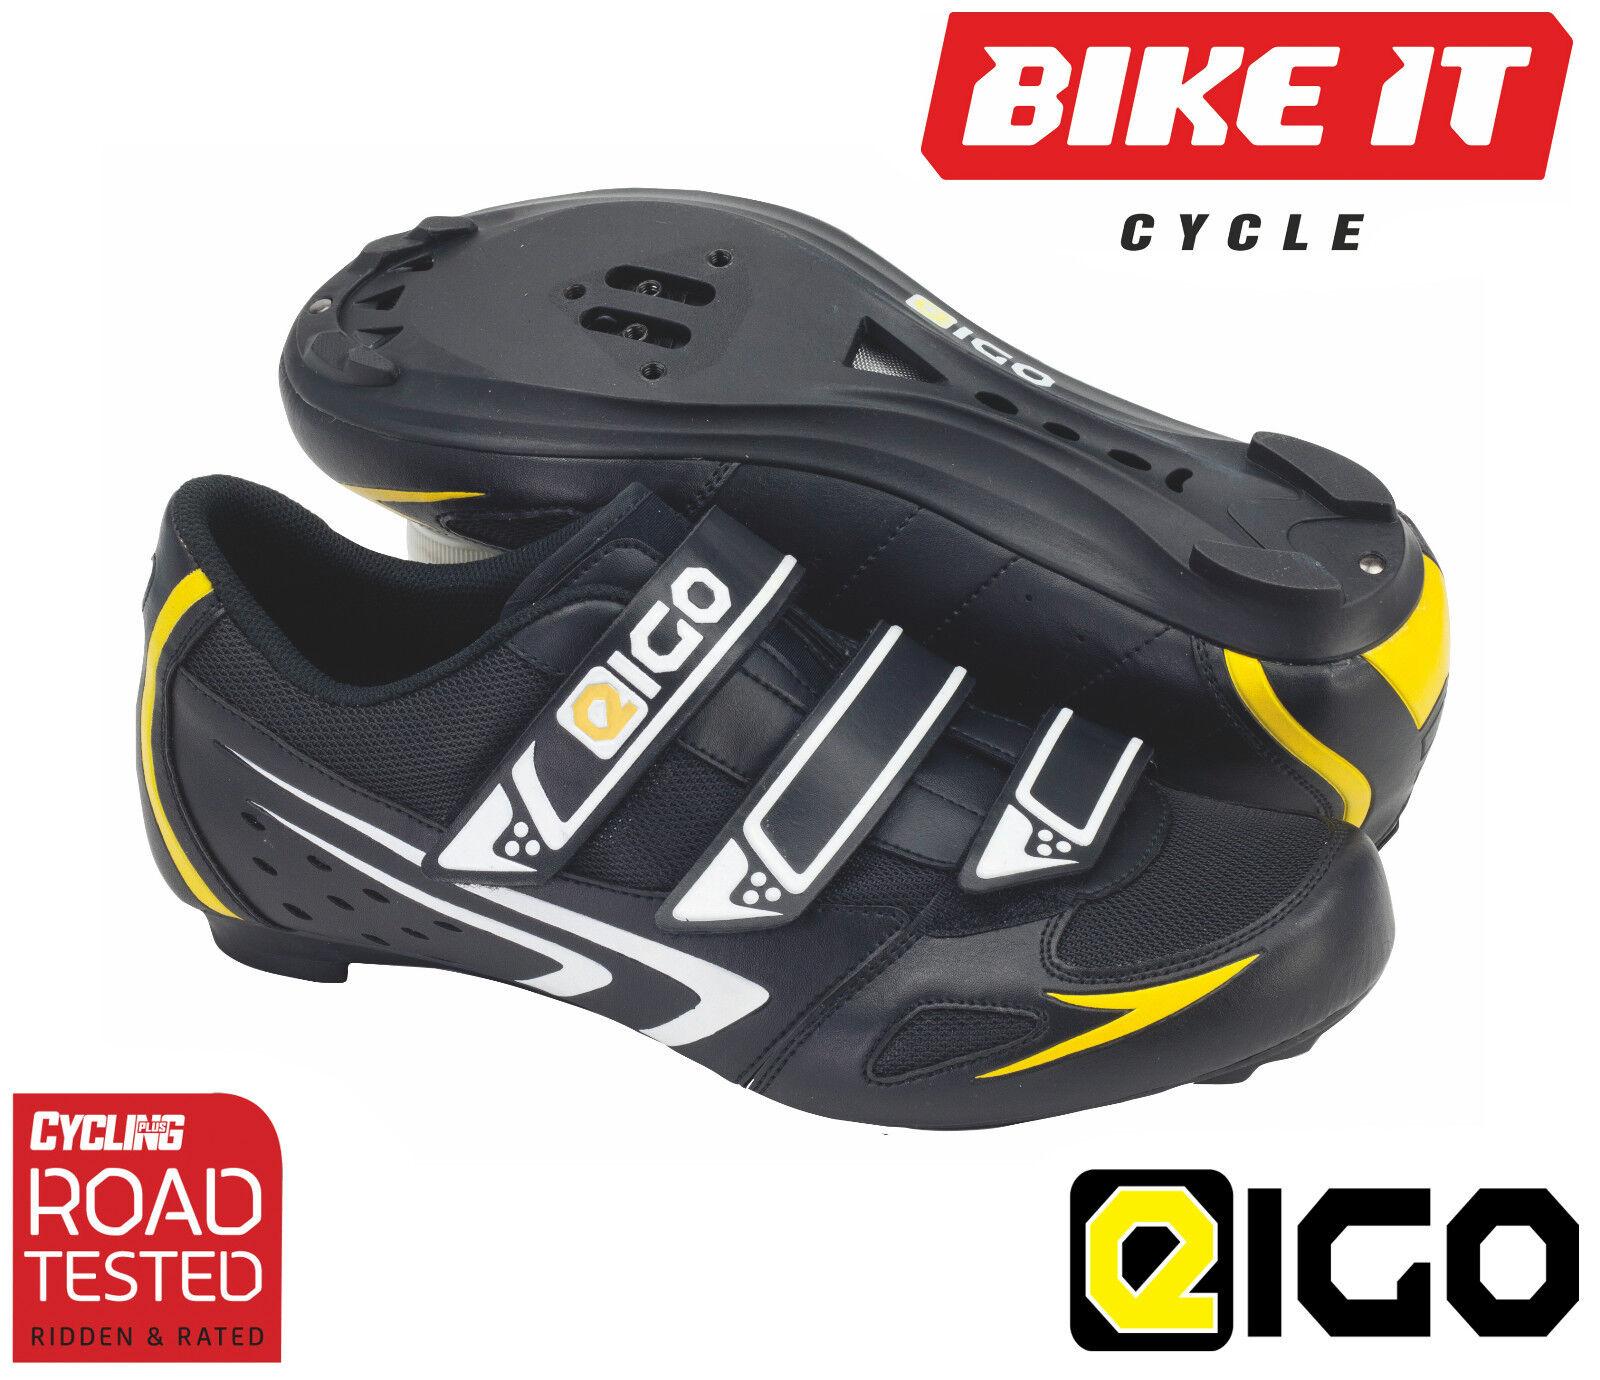 Eigo theta il ciclismo-STRADA TOURING ciclo bicicletta triathlon-Nero